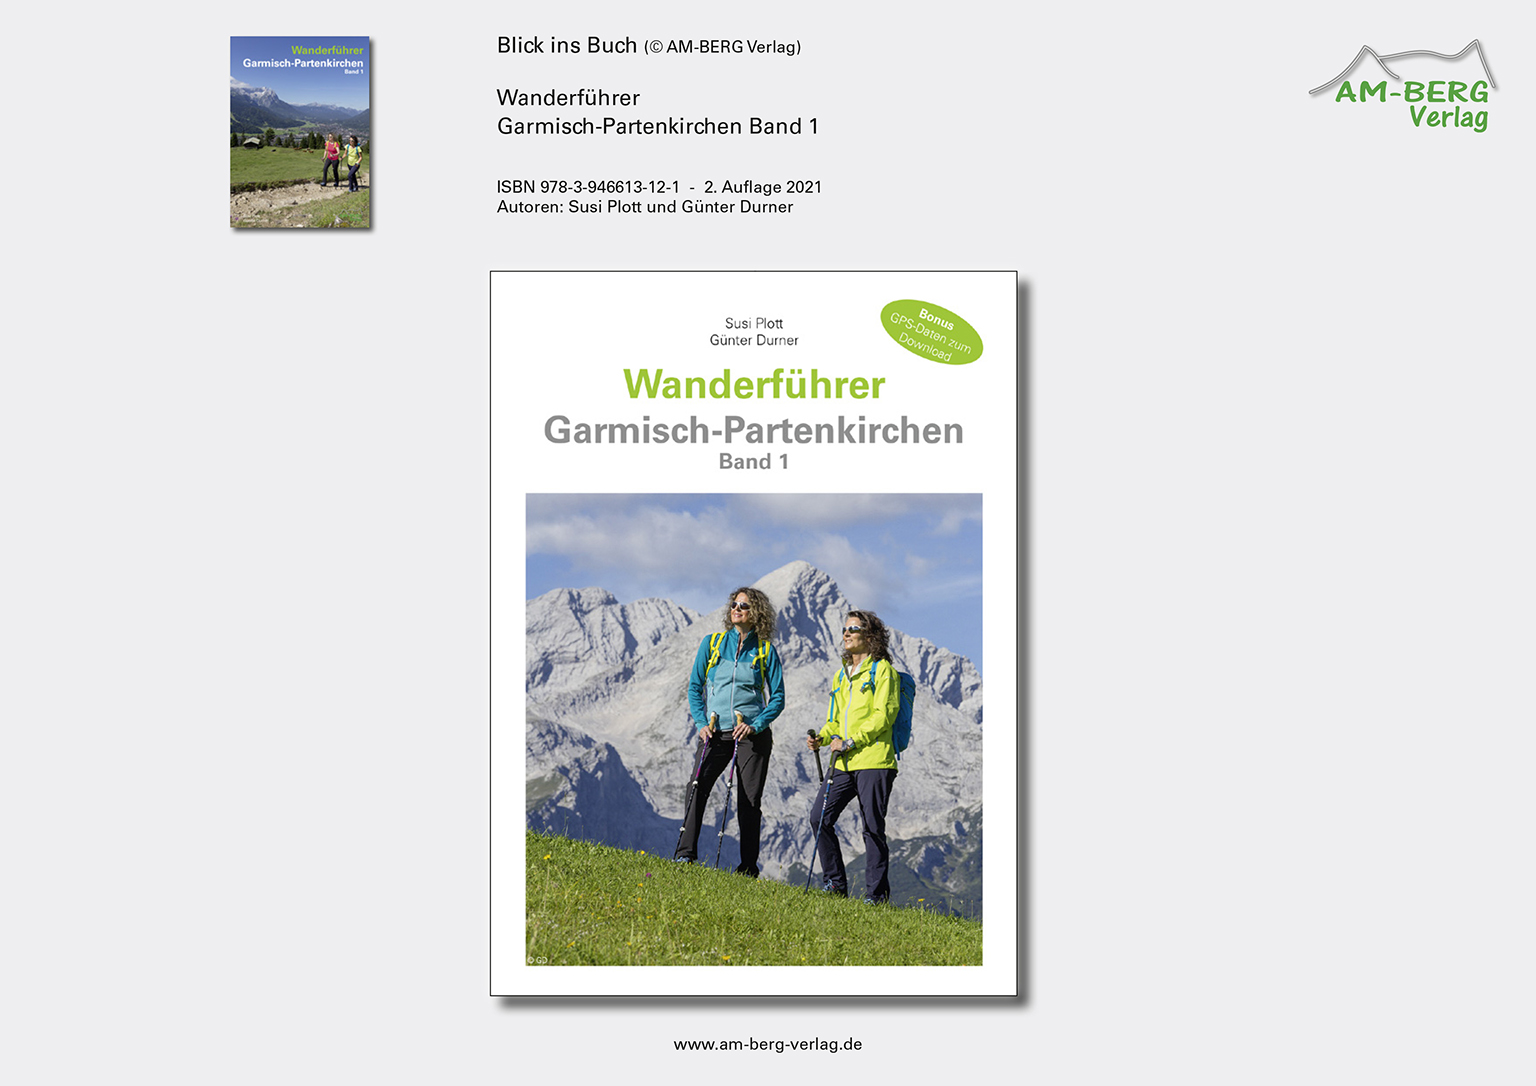 Wanderführer Garmisch-Partenkirchen Band 1_Blick ins Buch01